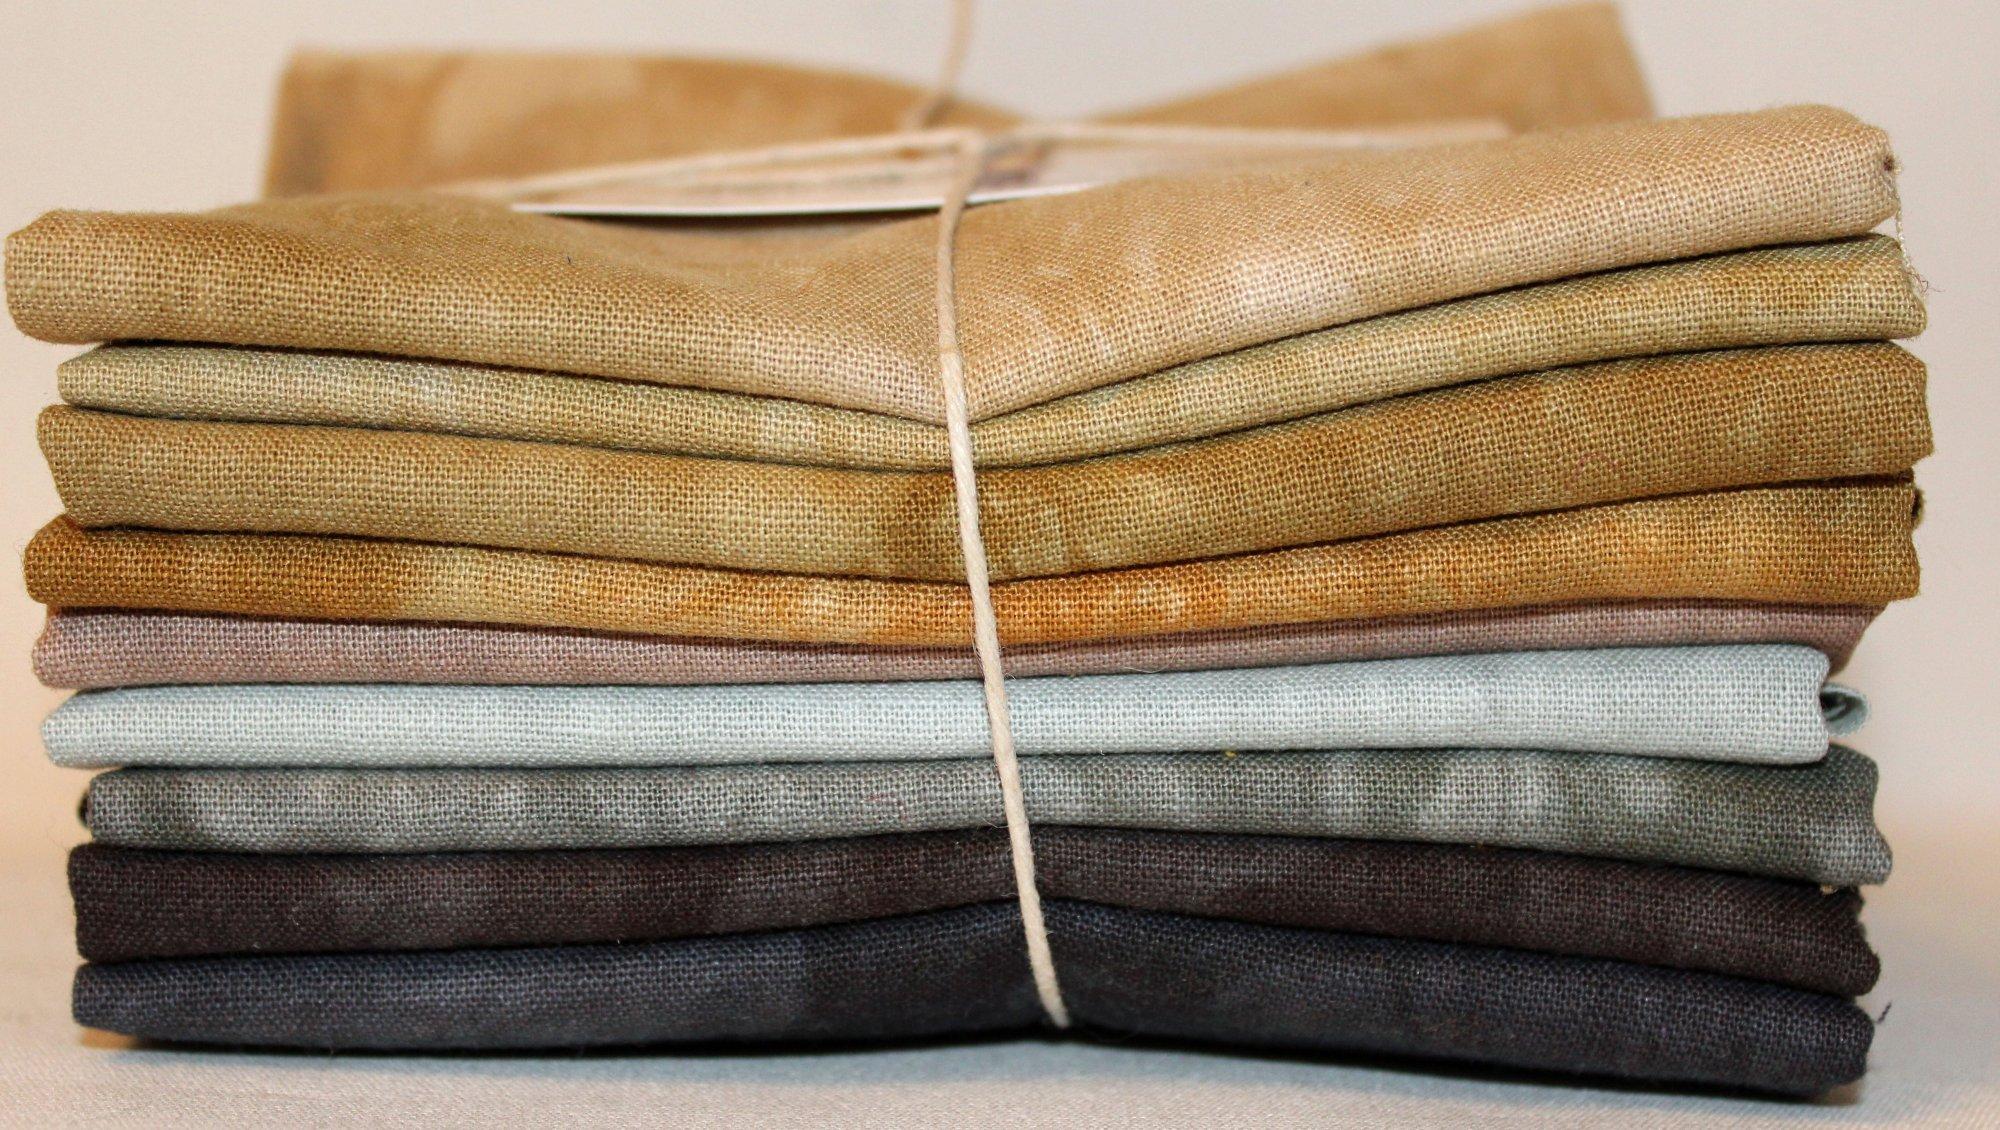 Neutrals Hand-dyed Linen Fat Quarter 9pc Set